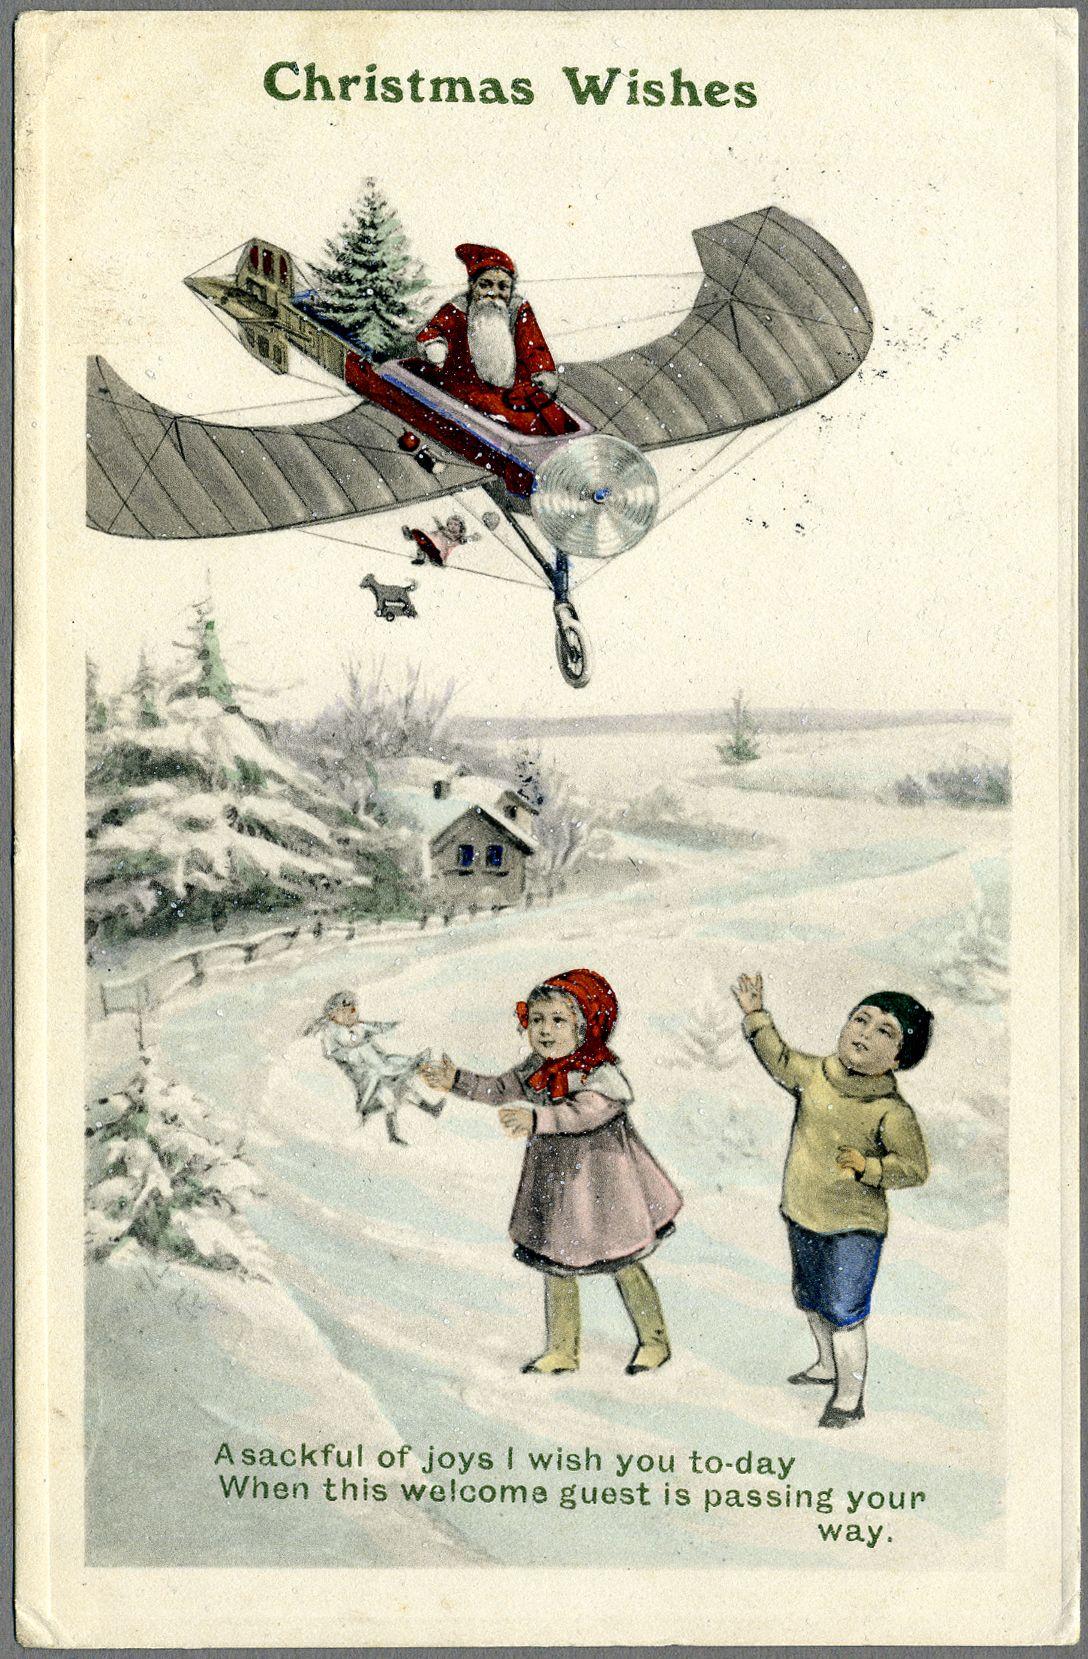 christmas wishes carte postale illustr e vers 1900 l 39 adresse mus e de la poste la poste dr. Black Bedroom Furniture Sets. Home Design Ideas